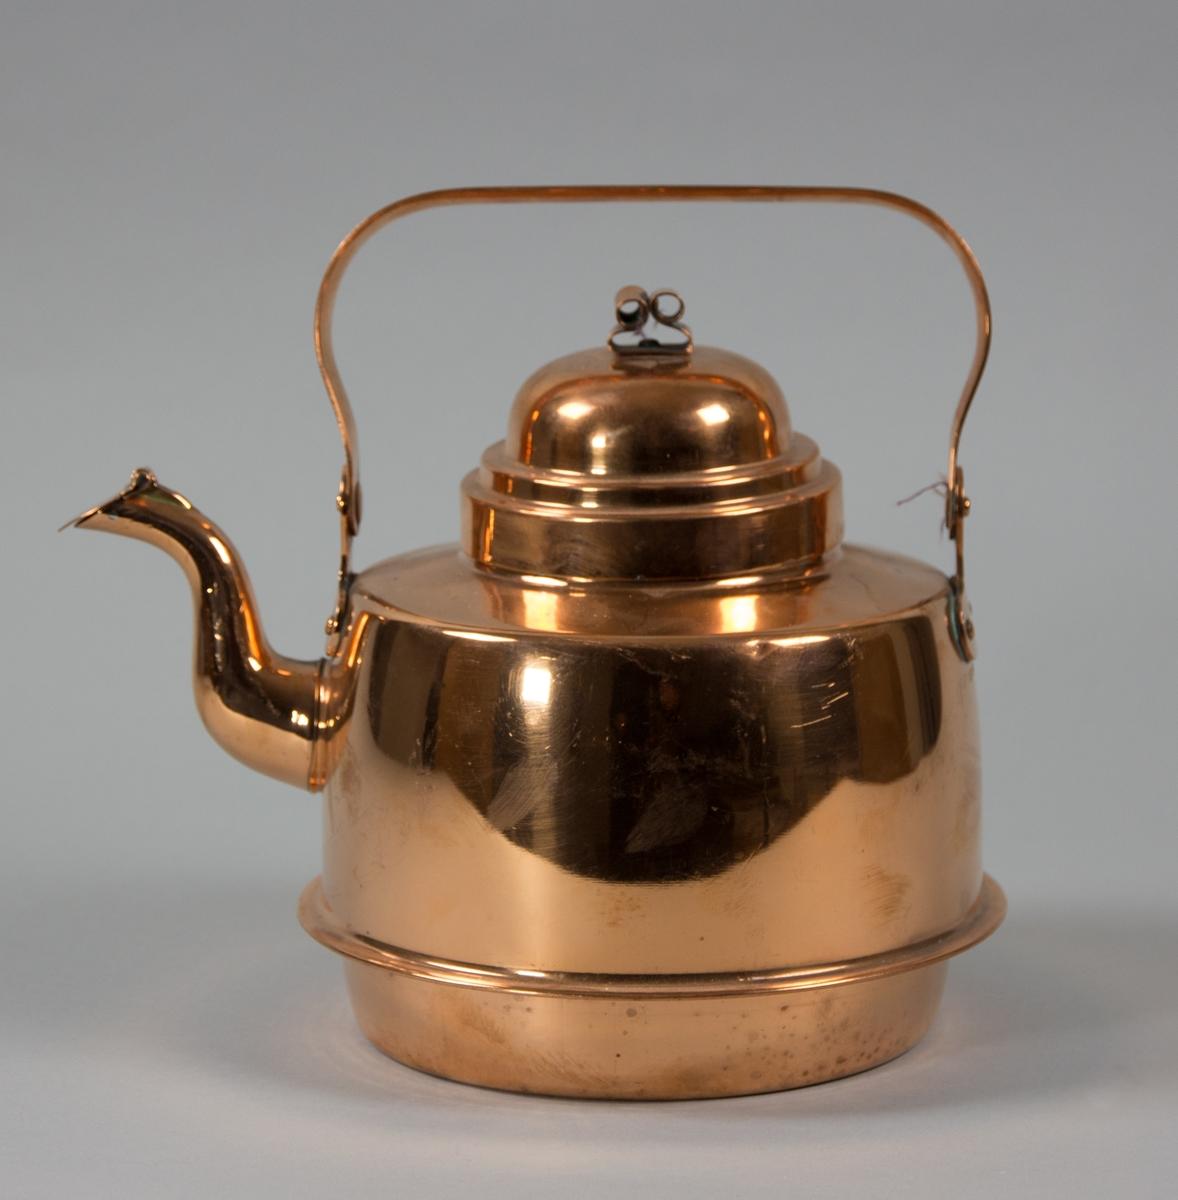 Kaffepanna driven av koppar med förtent insida. Svängd pip med fällbart lock. Fällbart bygelhandtag. I nederkant en fals för användning på järnspis med ringar.